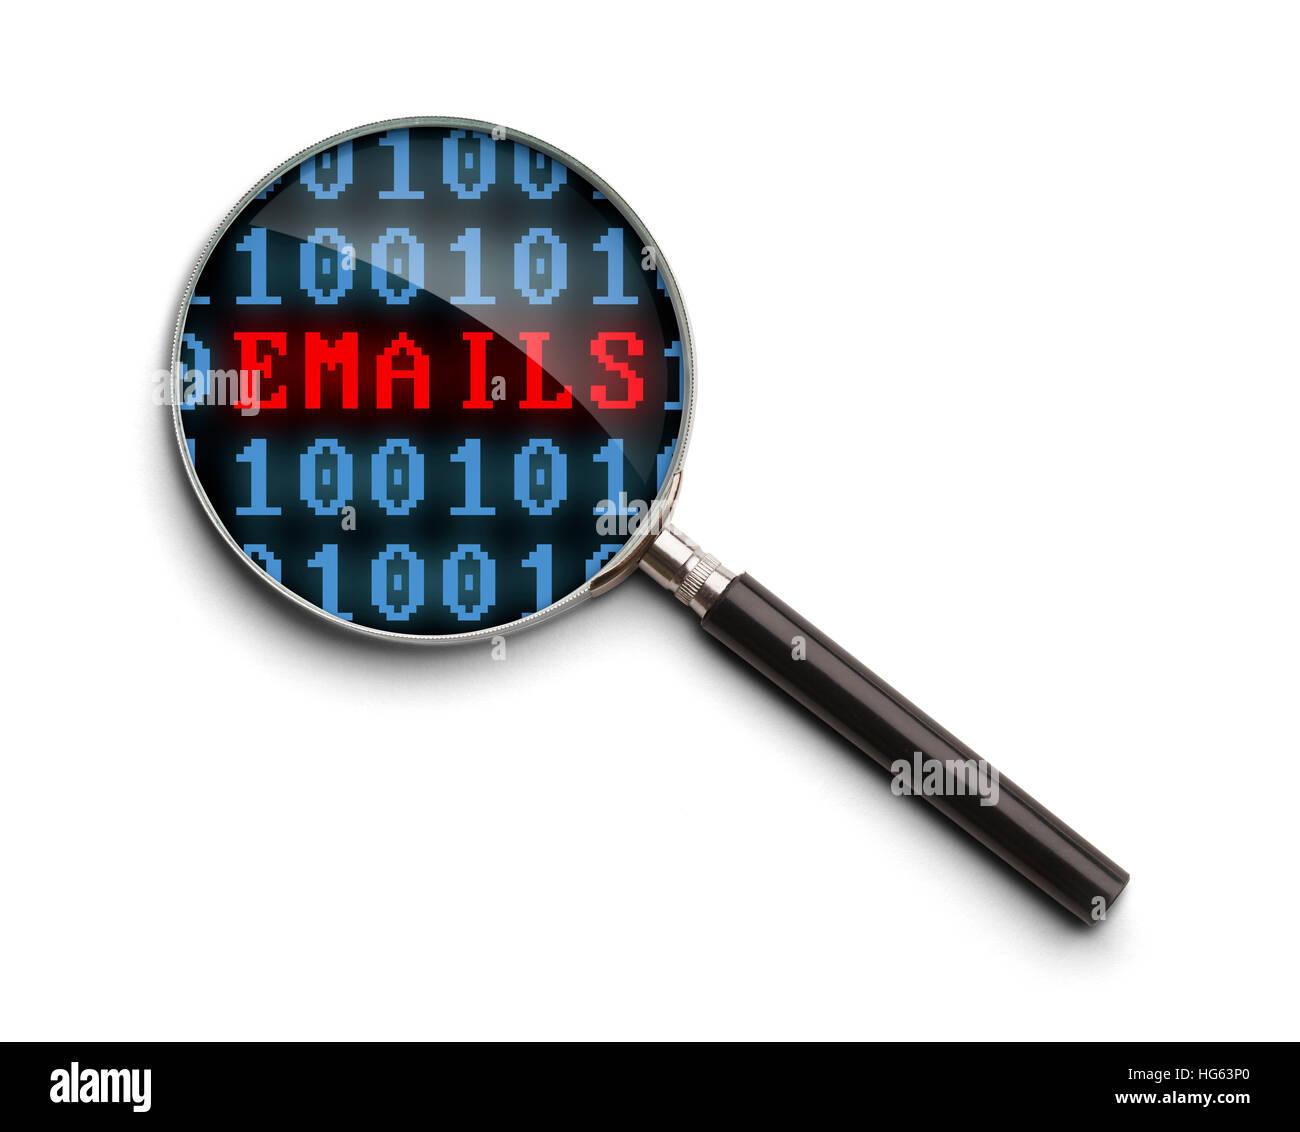 Codice di computer Email inchiesta lente di ingrandimento isolato su uno sfondo bianco. Immagini Stock